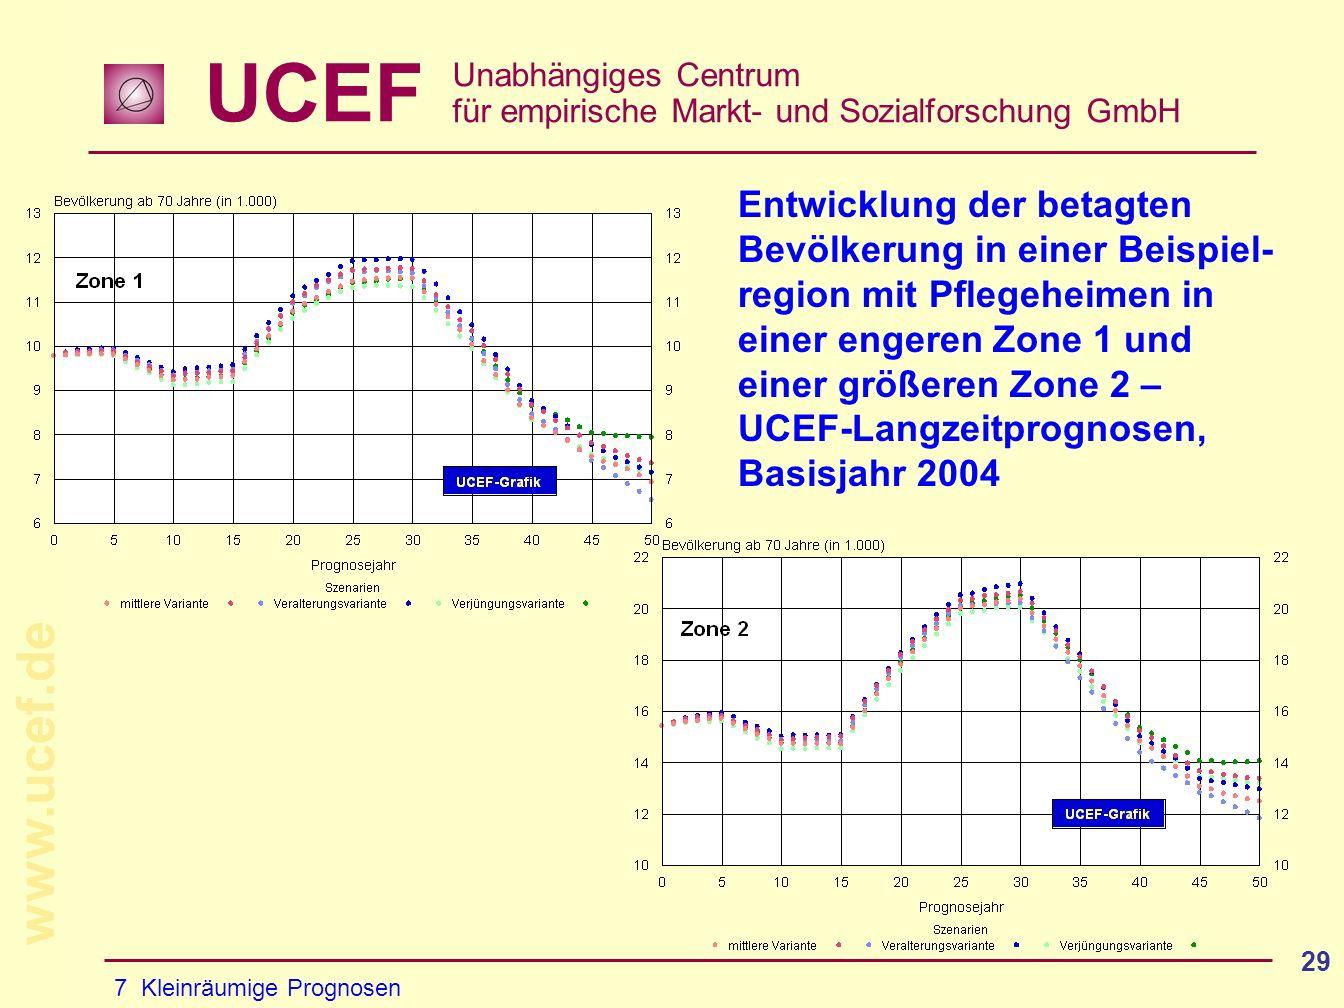 UCEF Unabhängiges Centrum für empirische Markt- und Sozialforschung GmbH www.ucef.de 29 Entwicklung der betagten Bevölkerung in einer Beispiel- region mit Pflegeheimen in einer engeren Zone 1 und einer größeren Zone 2 – UCEF-Langzeitprognosen, Basisjahr 2004 7 Kleinräumige Prognosen